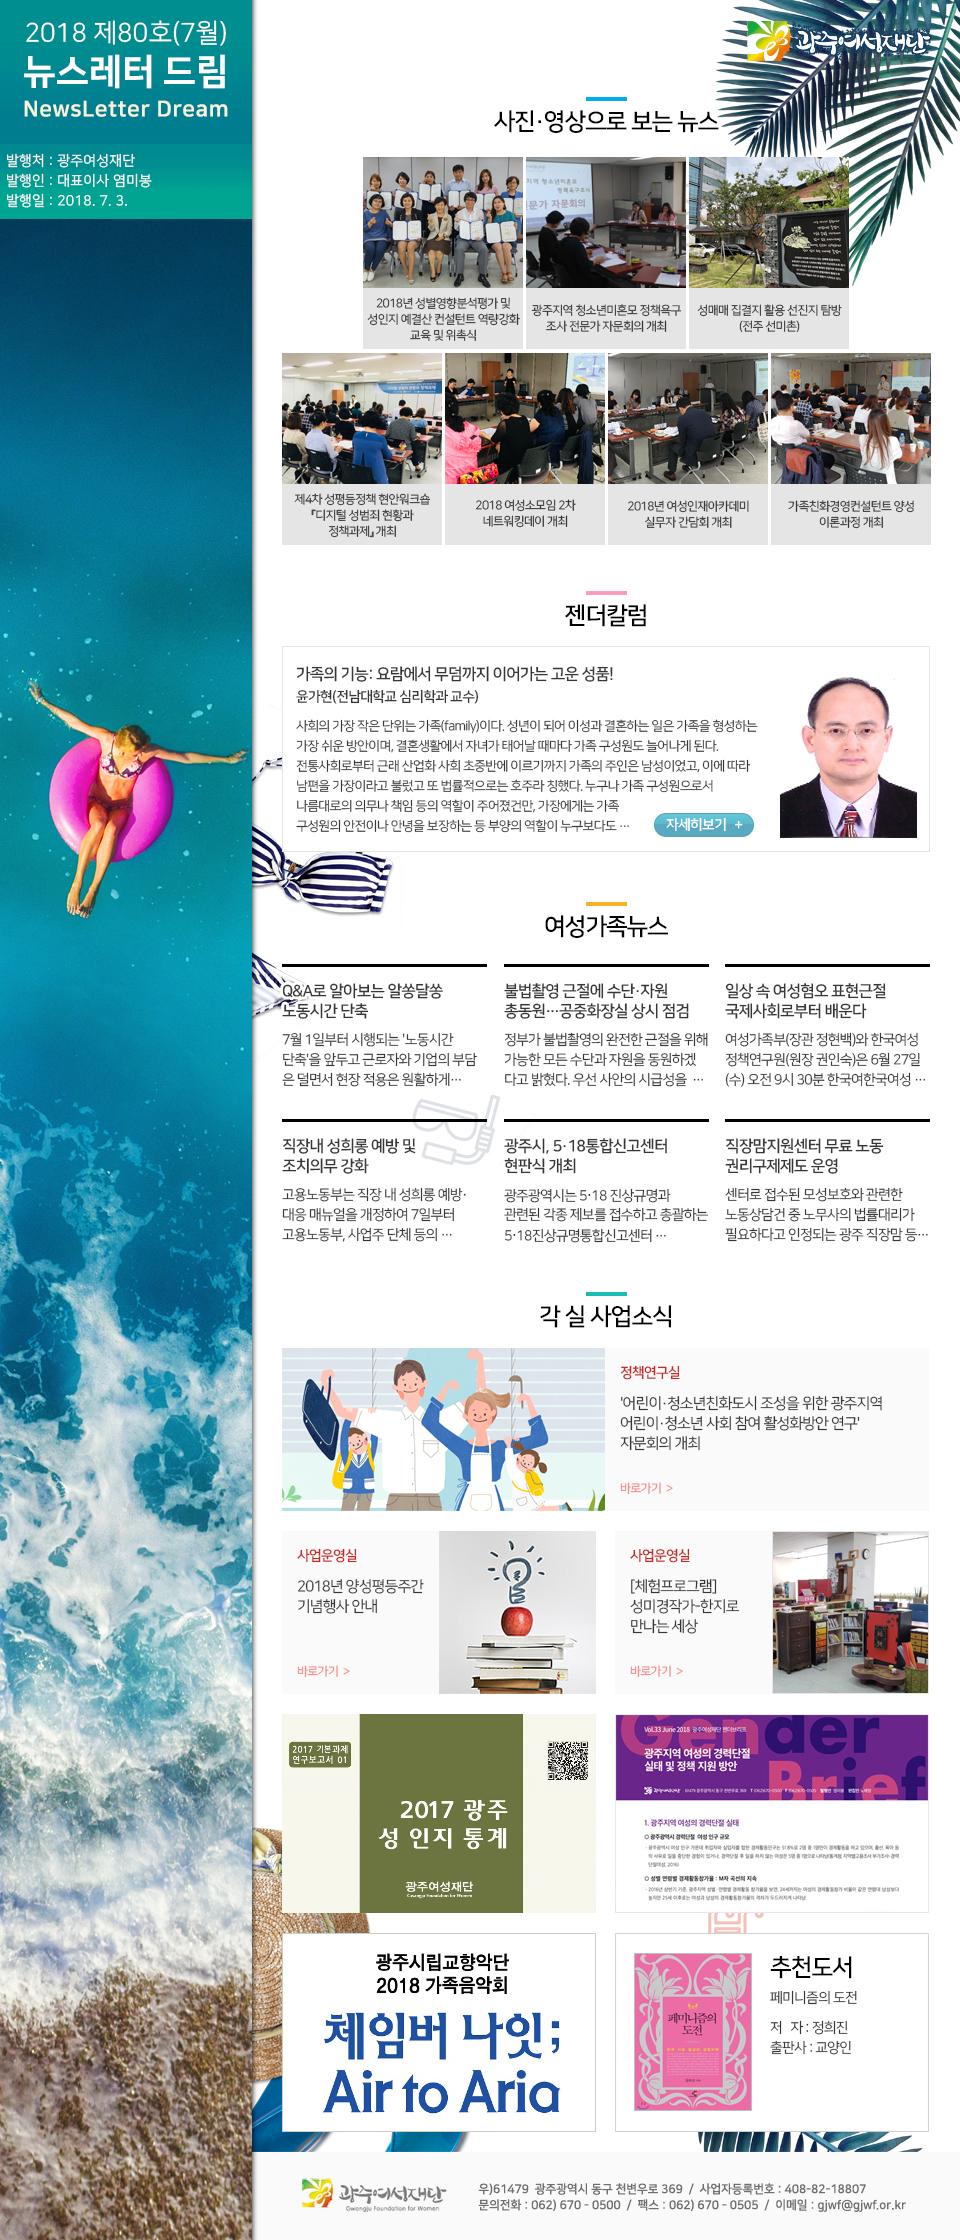 뉴스레터 드림 80호(18.07월) 썸네일